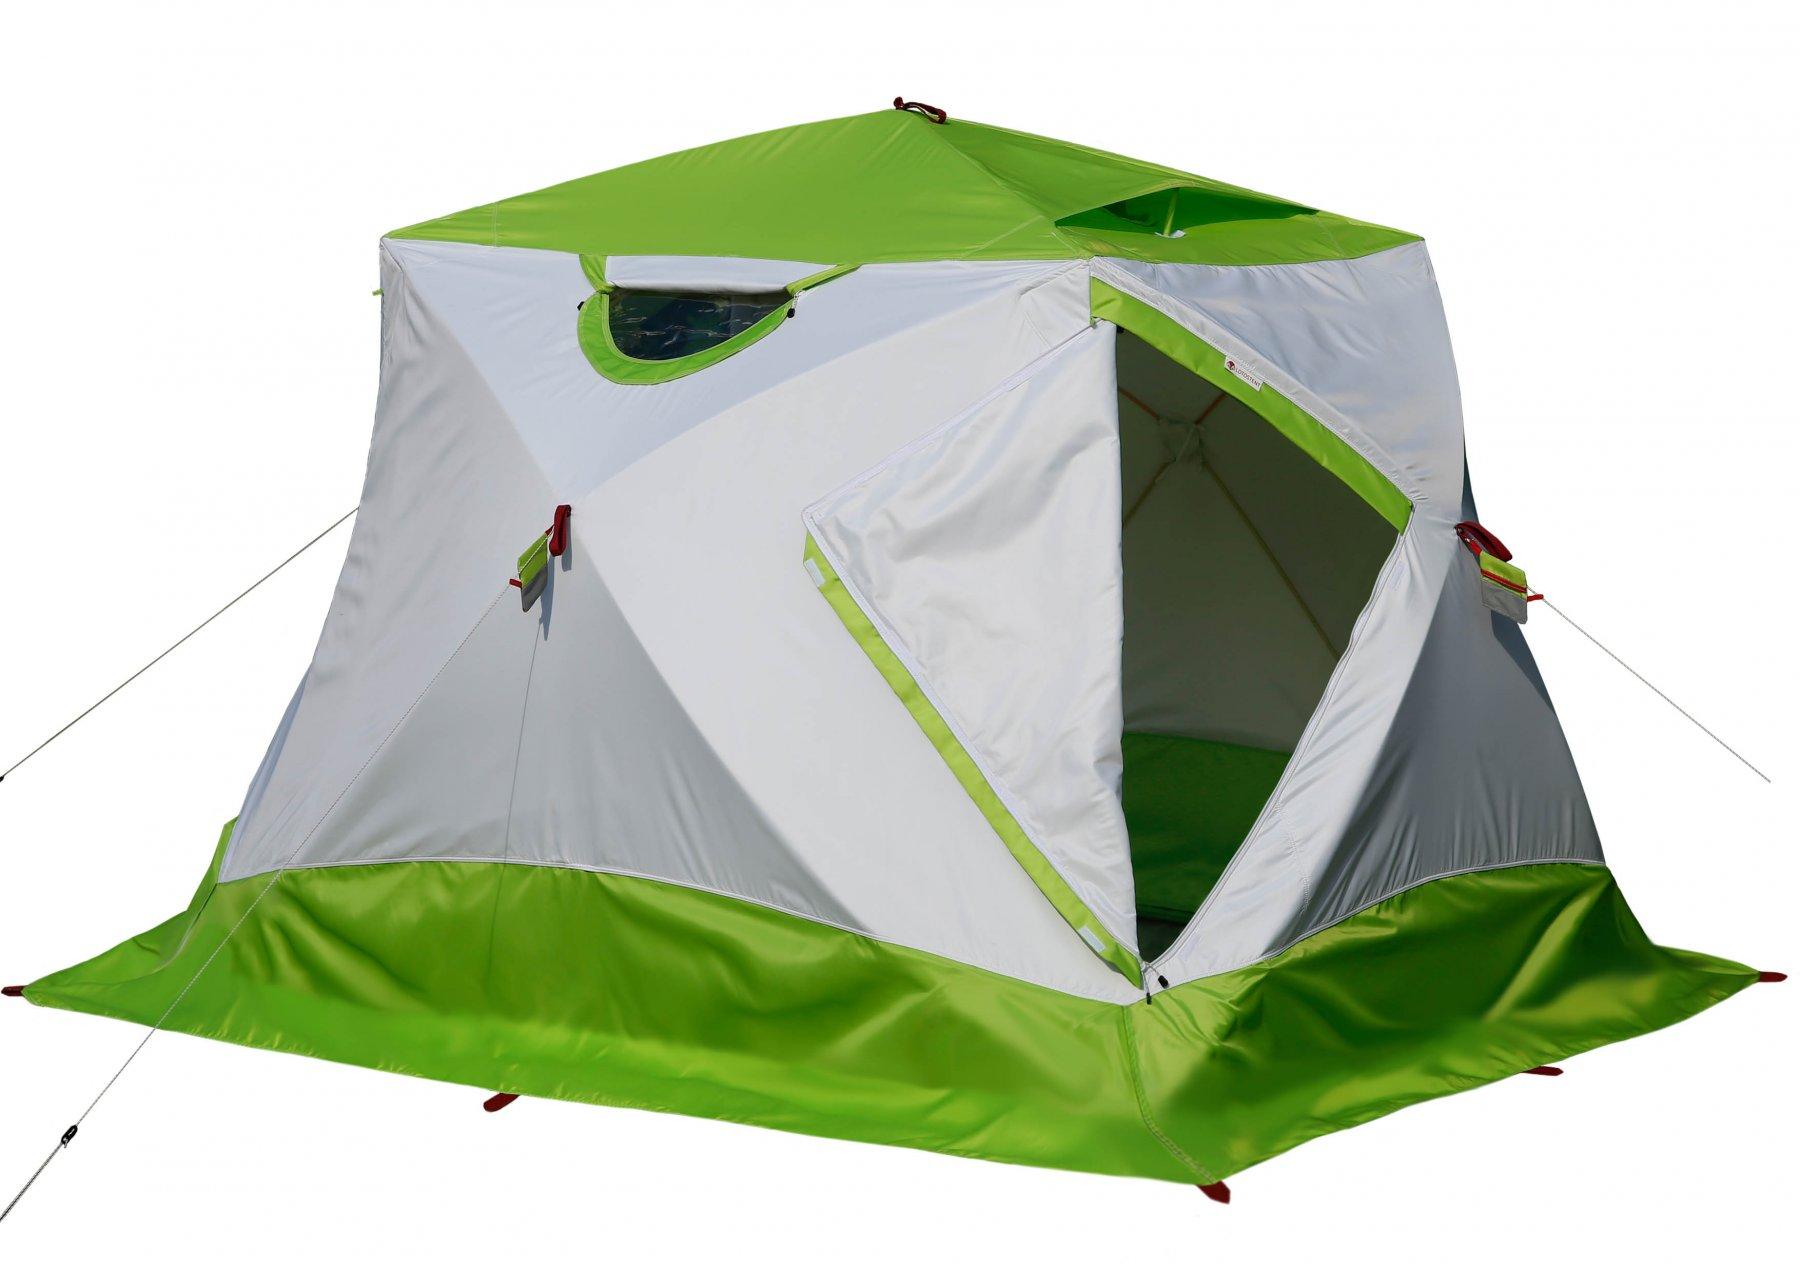 Зимняя палатка ЛОТОС Куб 4 Компакт (лонг) с системой компактного складывания